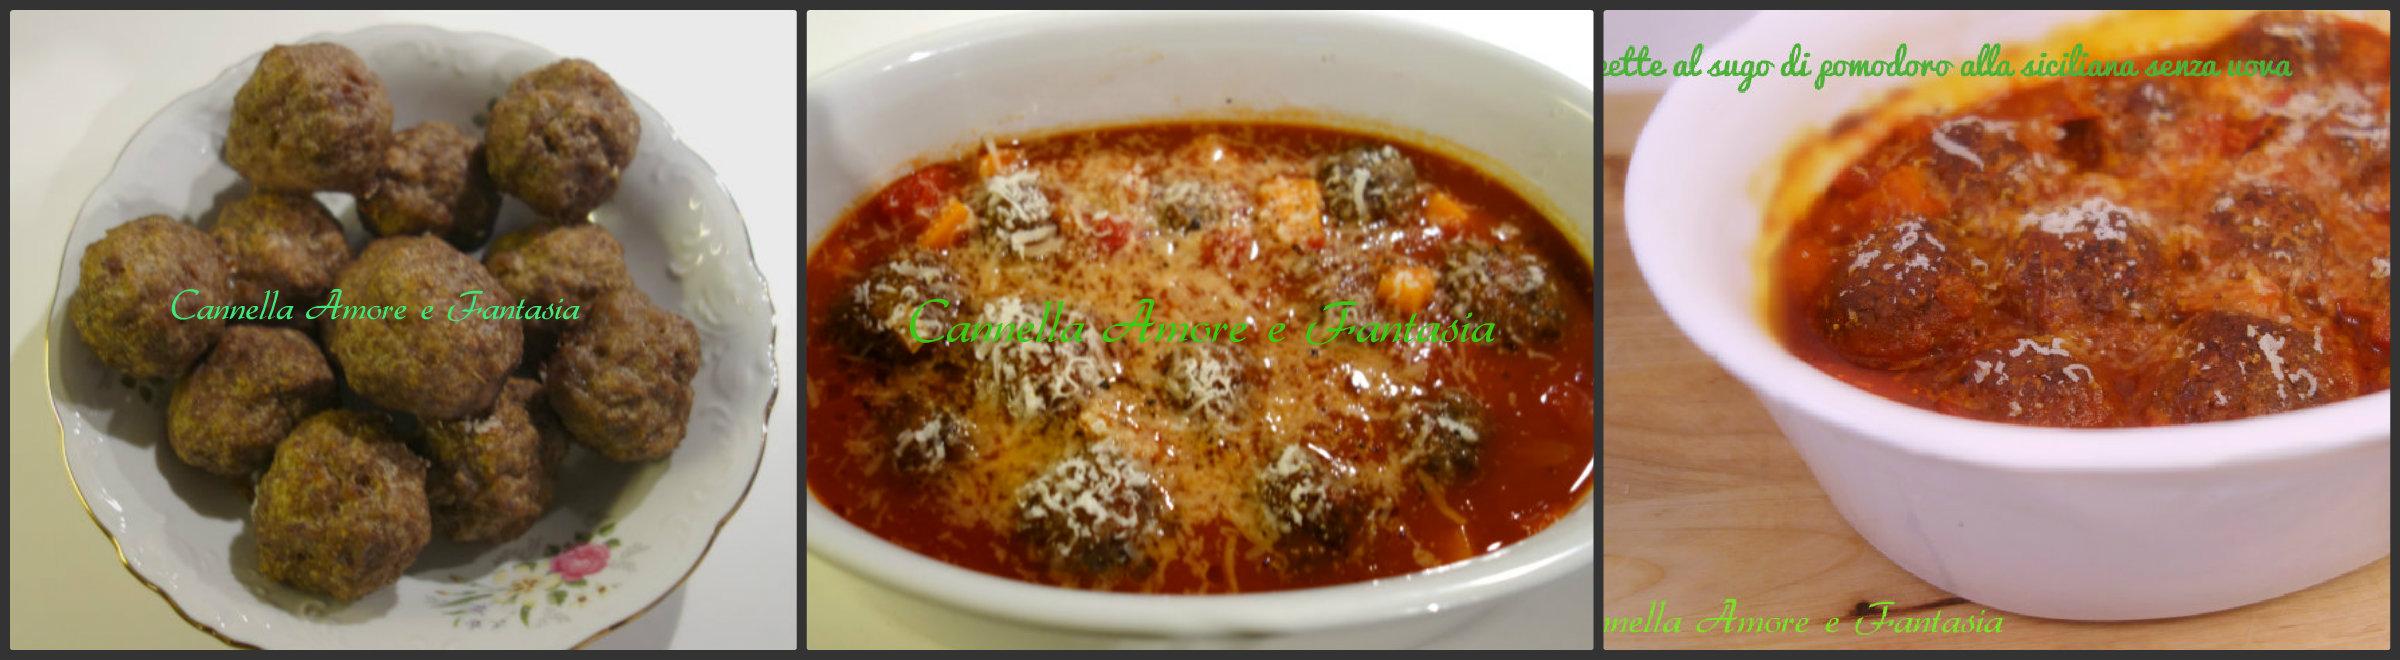 Polpette al sugo alla siciliana tradizionali e senza uovo collage finito